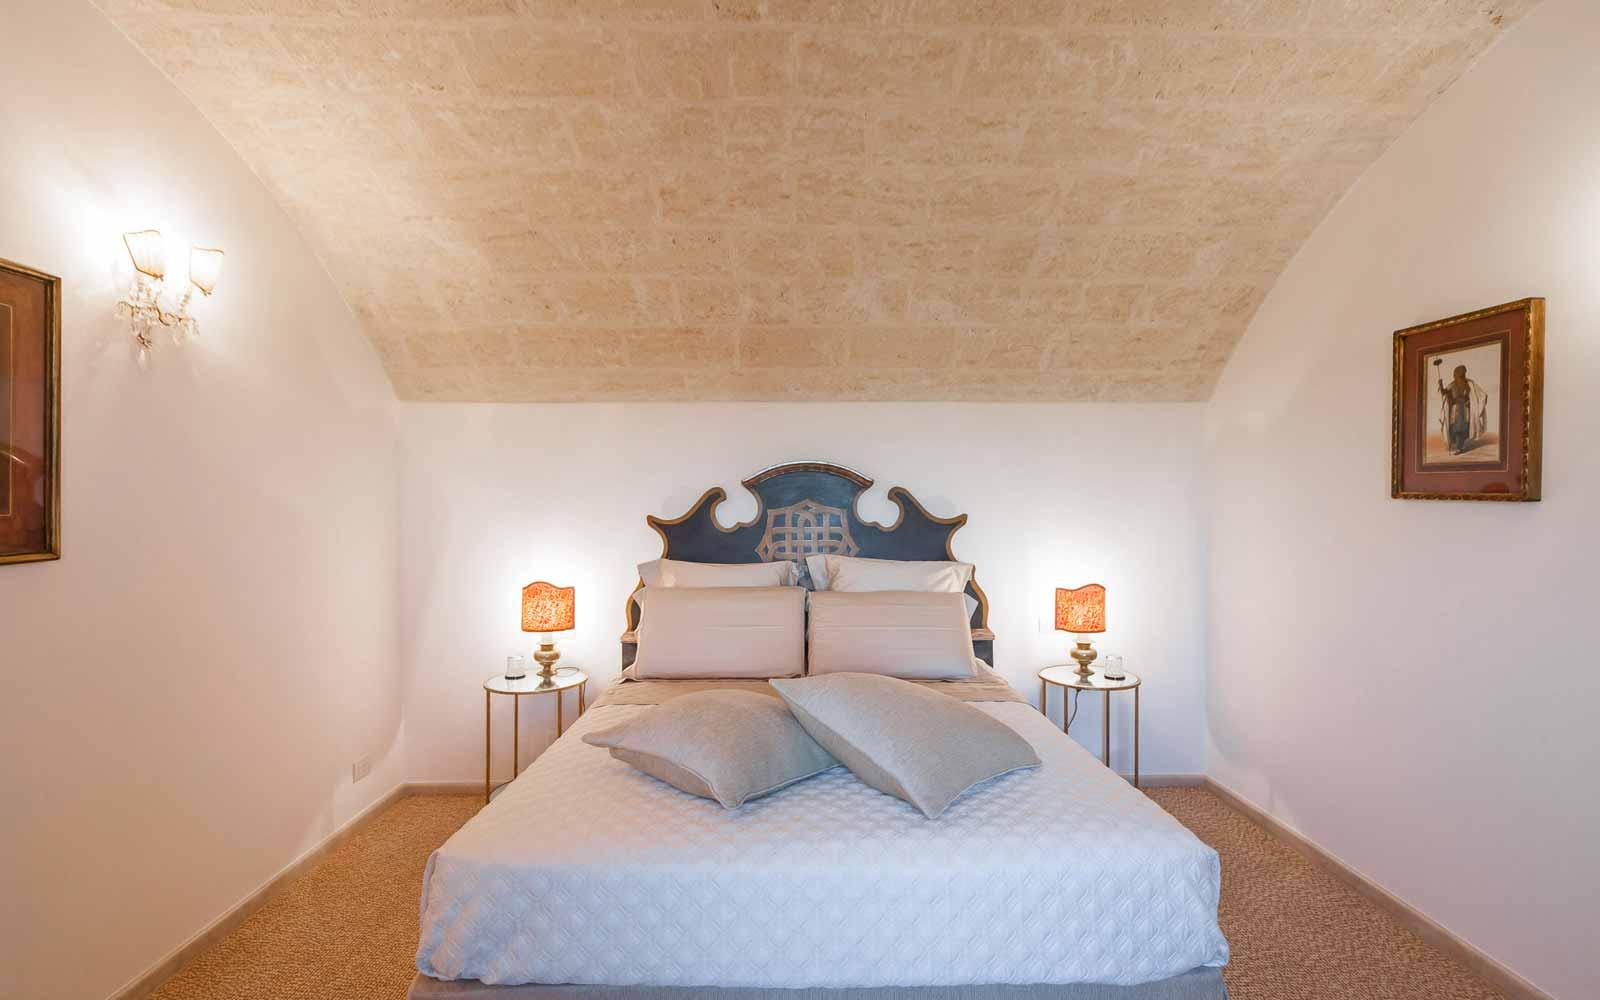 Bedroom at La Residenza of Masseria Pettolecchia